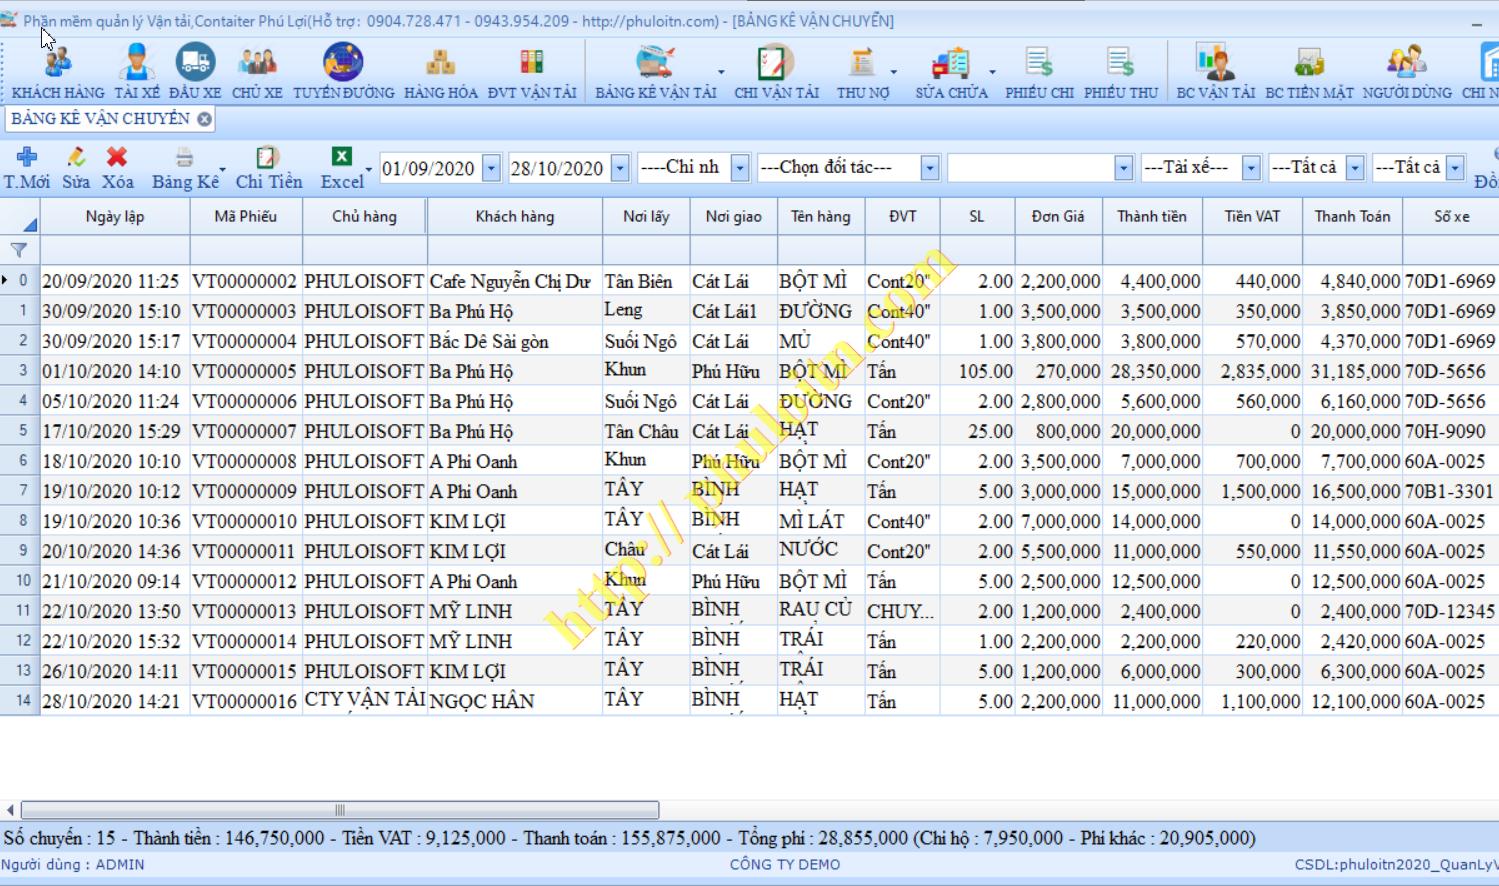 Quản lý bảng kê lệnh điều xe,phiếu điều vận tải Phần mềm quản lý vận tải hàng hóa,vận chuyển logictics Phú Lợi